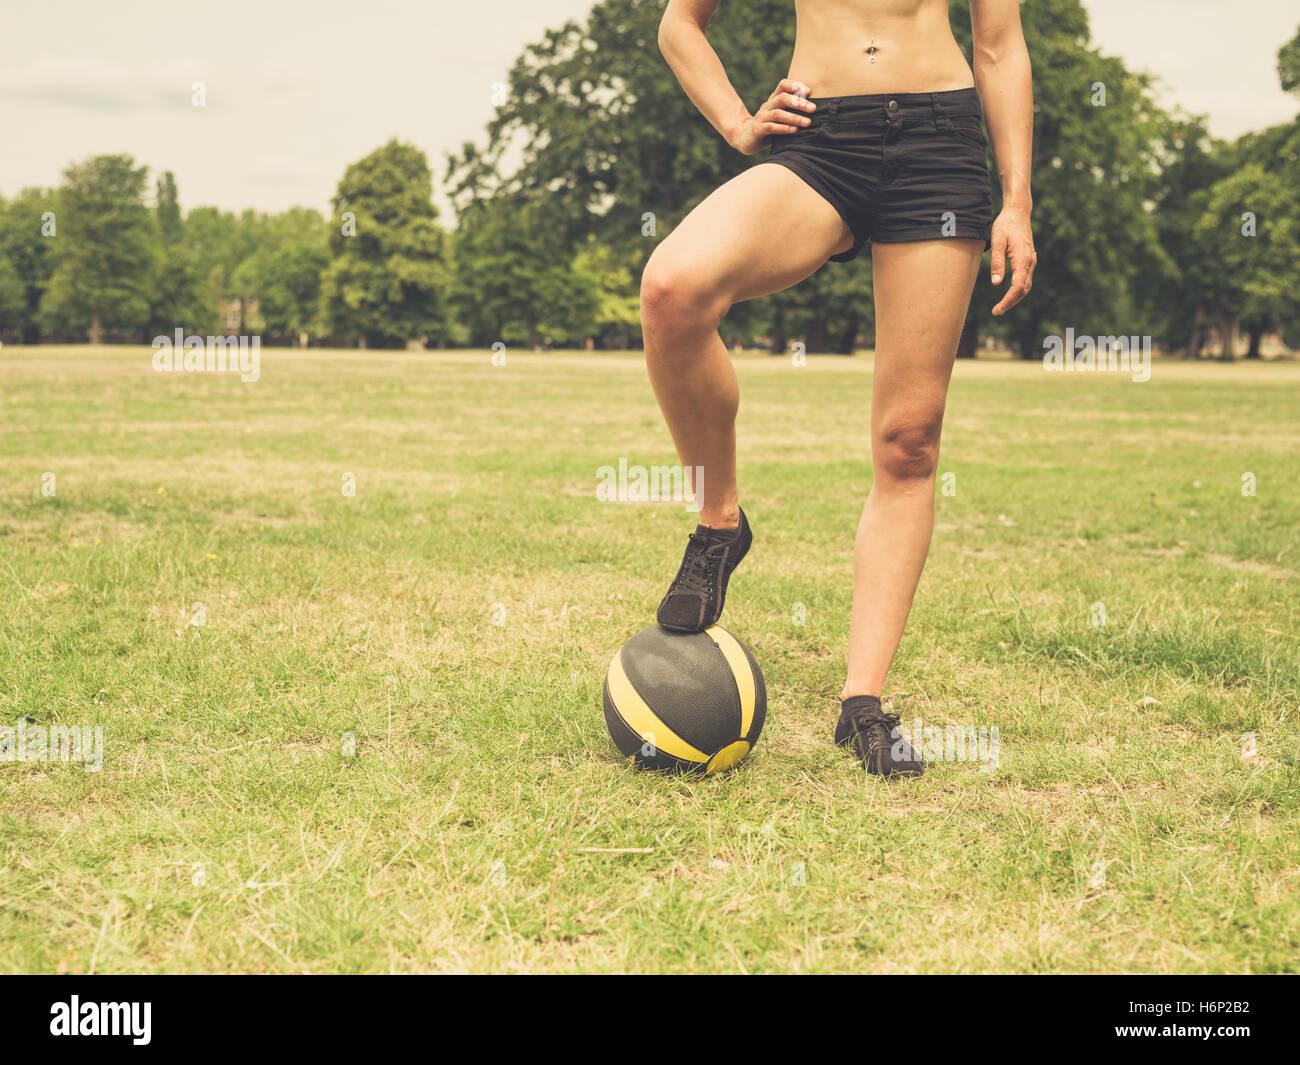 Vintage filtran foto de un monte y atlético joven está de pie sobre el césped de un parque con un Imagen De Stock